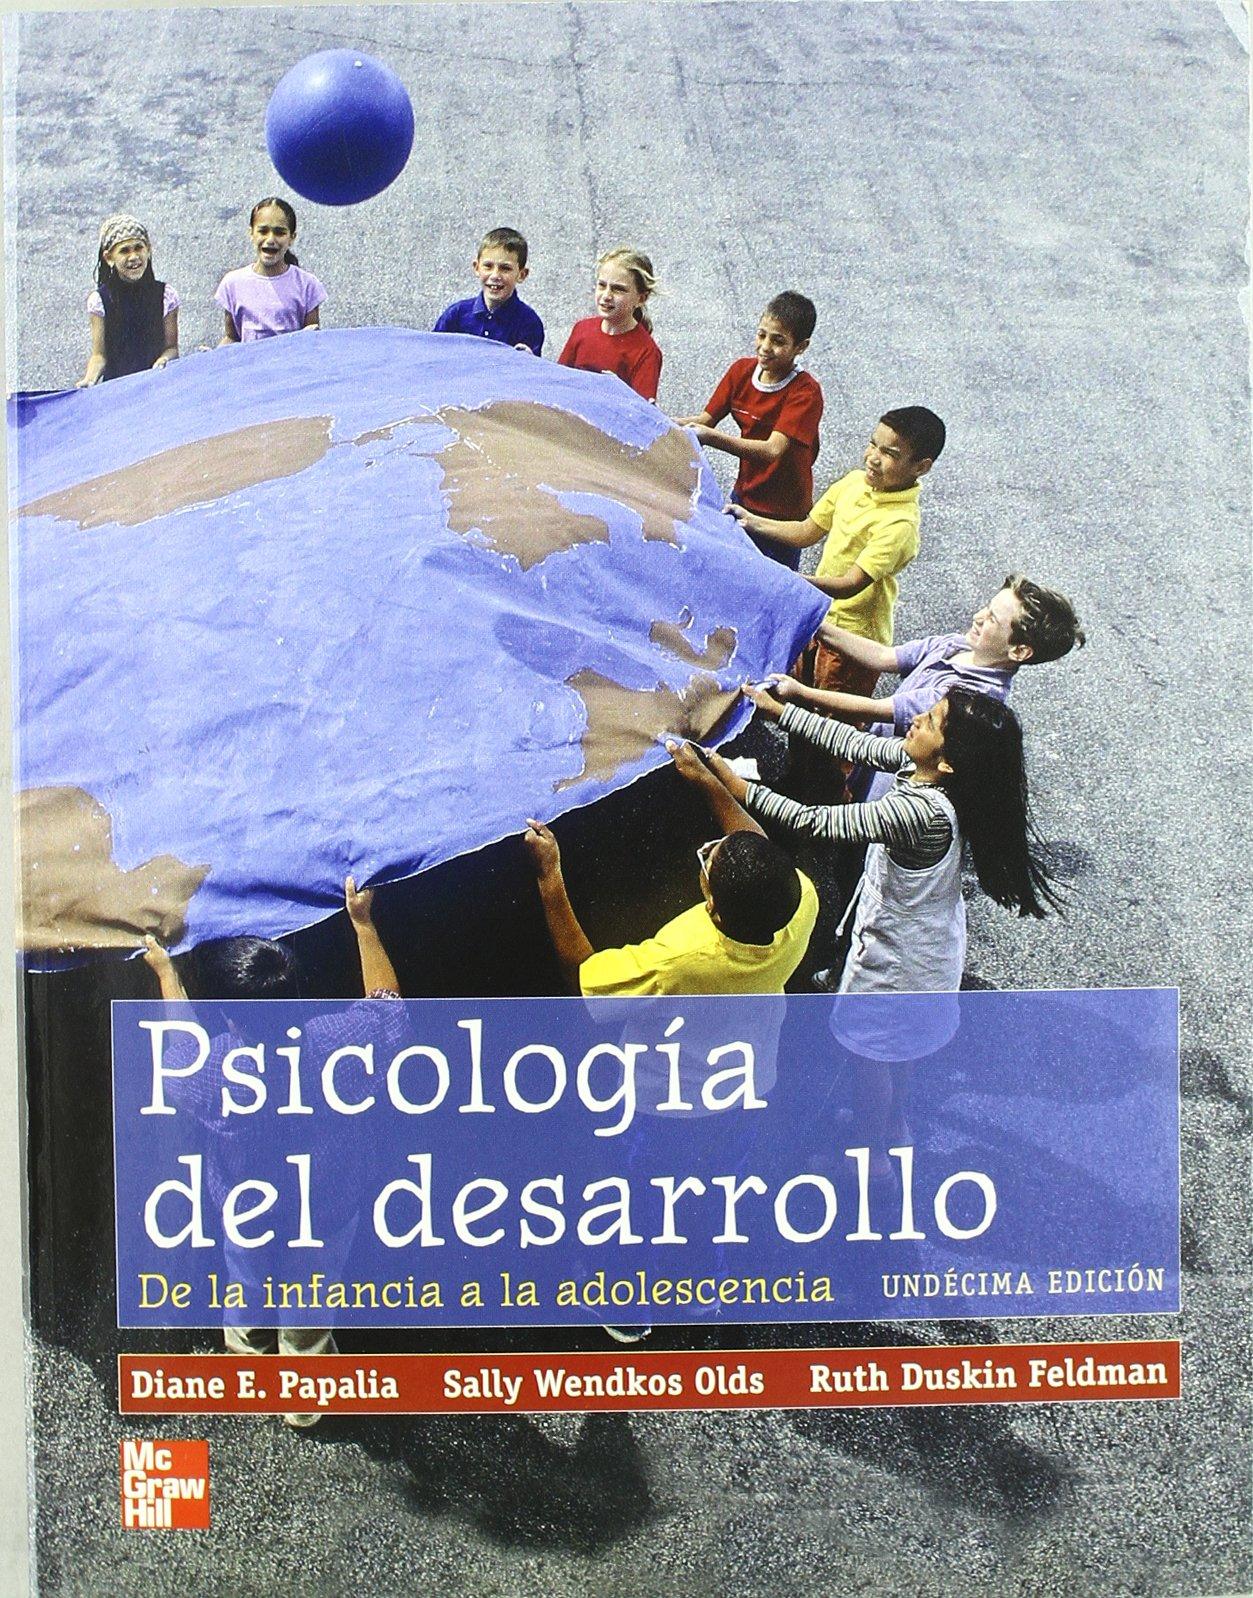 Psicologia Del Desarrollo Spanish Edition Papalia Diane Feldman Ruth Olds Sally 9789701068892 Amazon Com Books